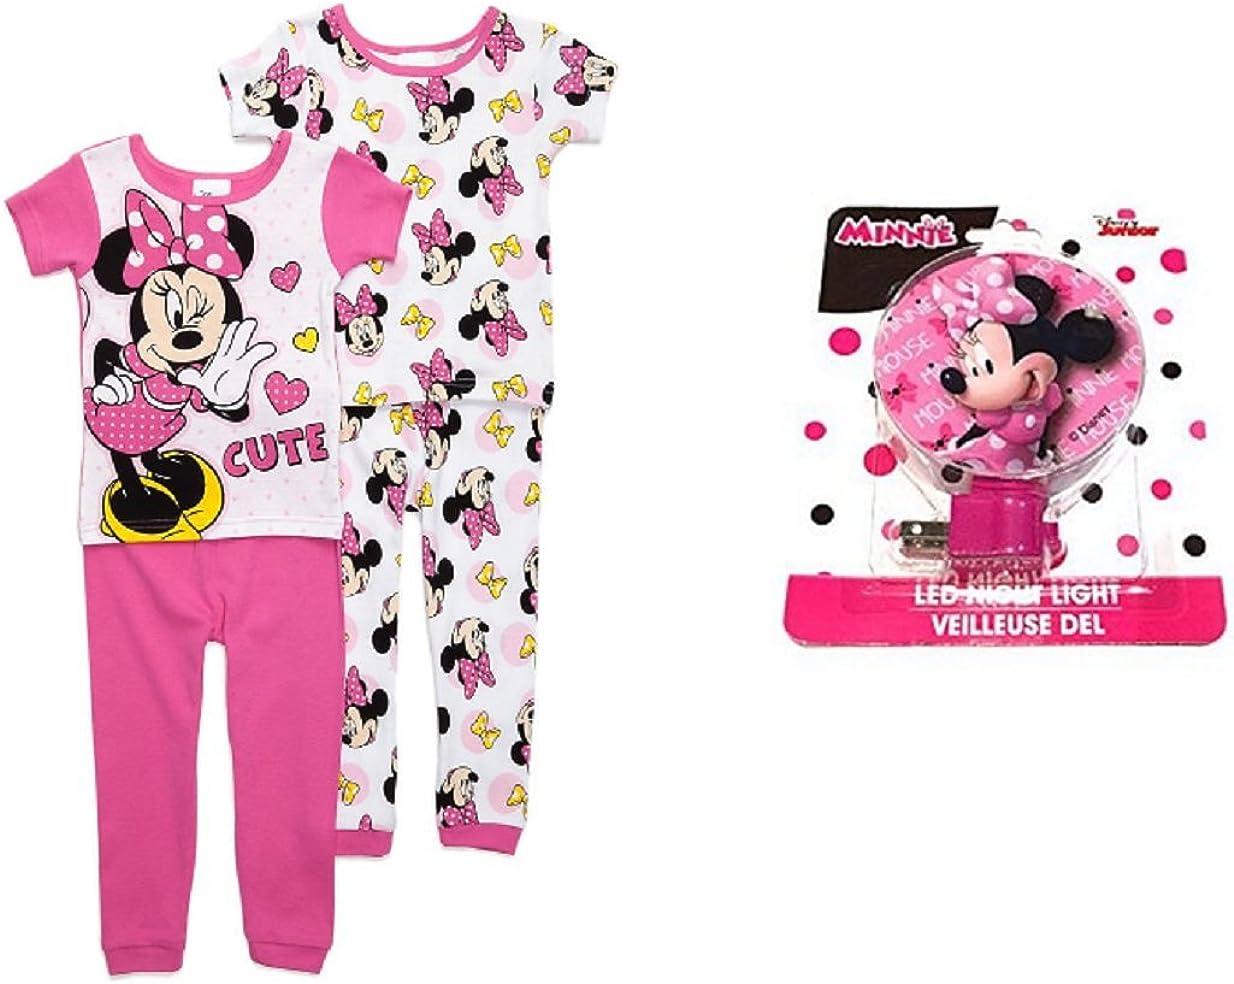 Pants Set Minnie Mouse Size 3T Adorable 4-Piece Cotton Pajama Shorts